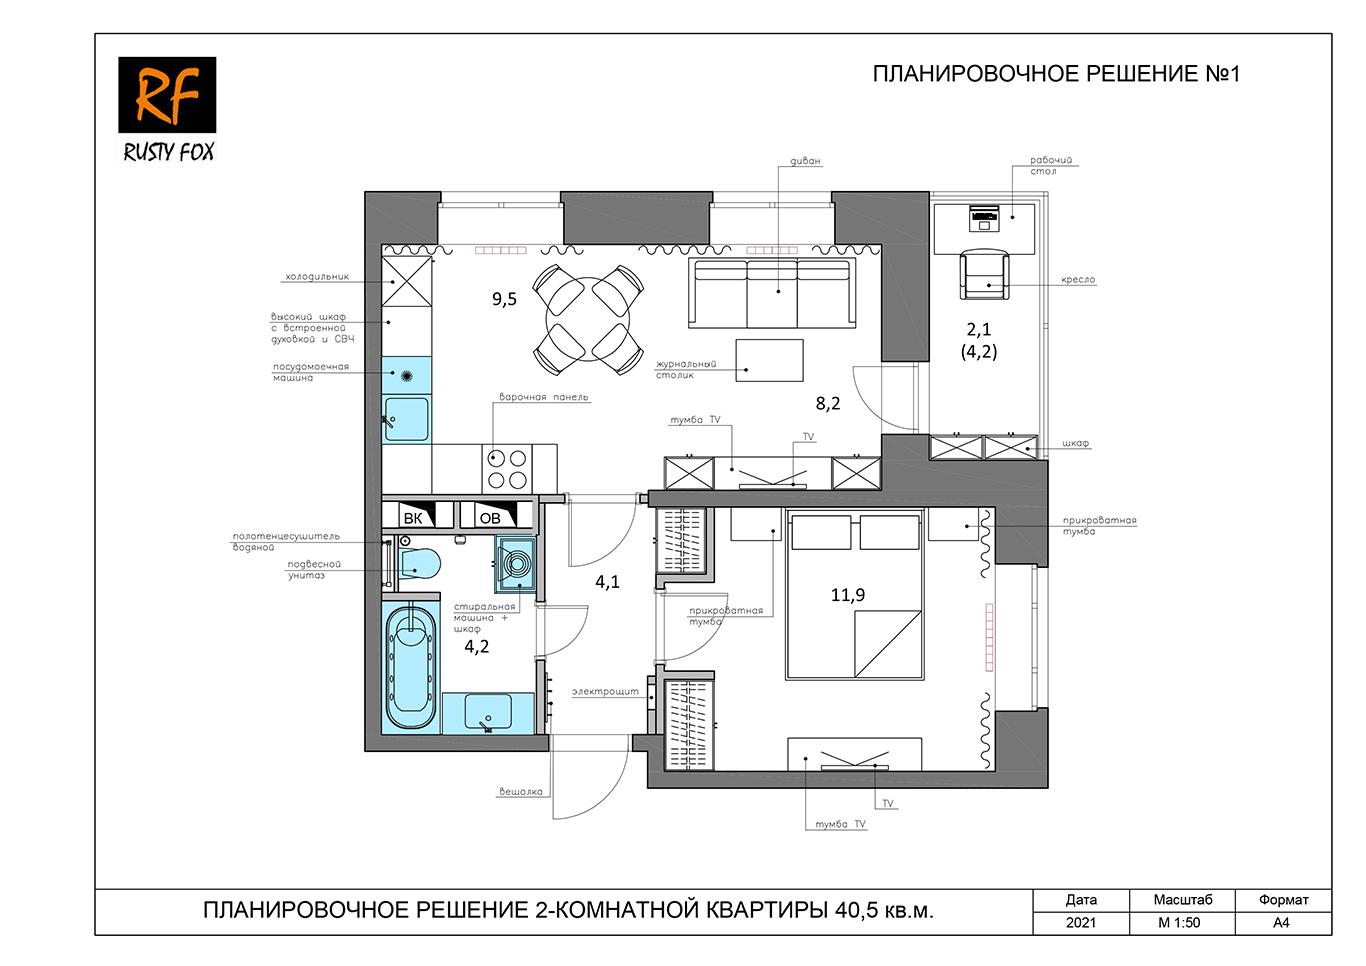 ЖК Люберцы корпус 52, секция 2. Планировочное решение №1 2-комнотная квартира 40,5 кв.м.